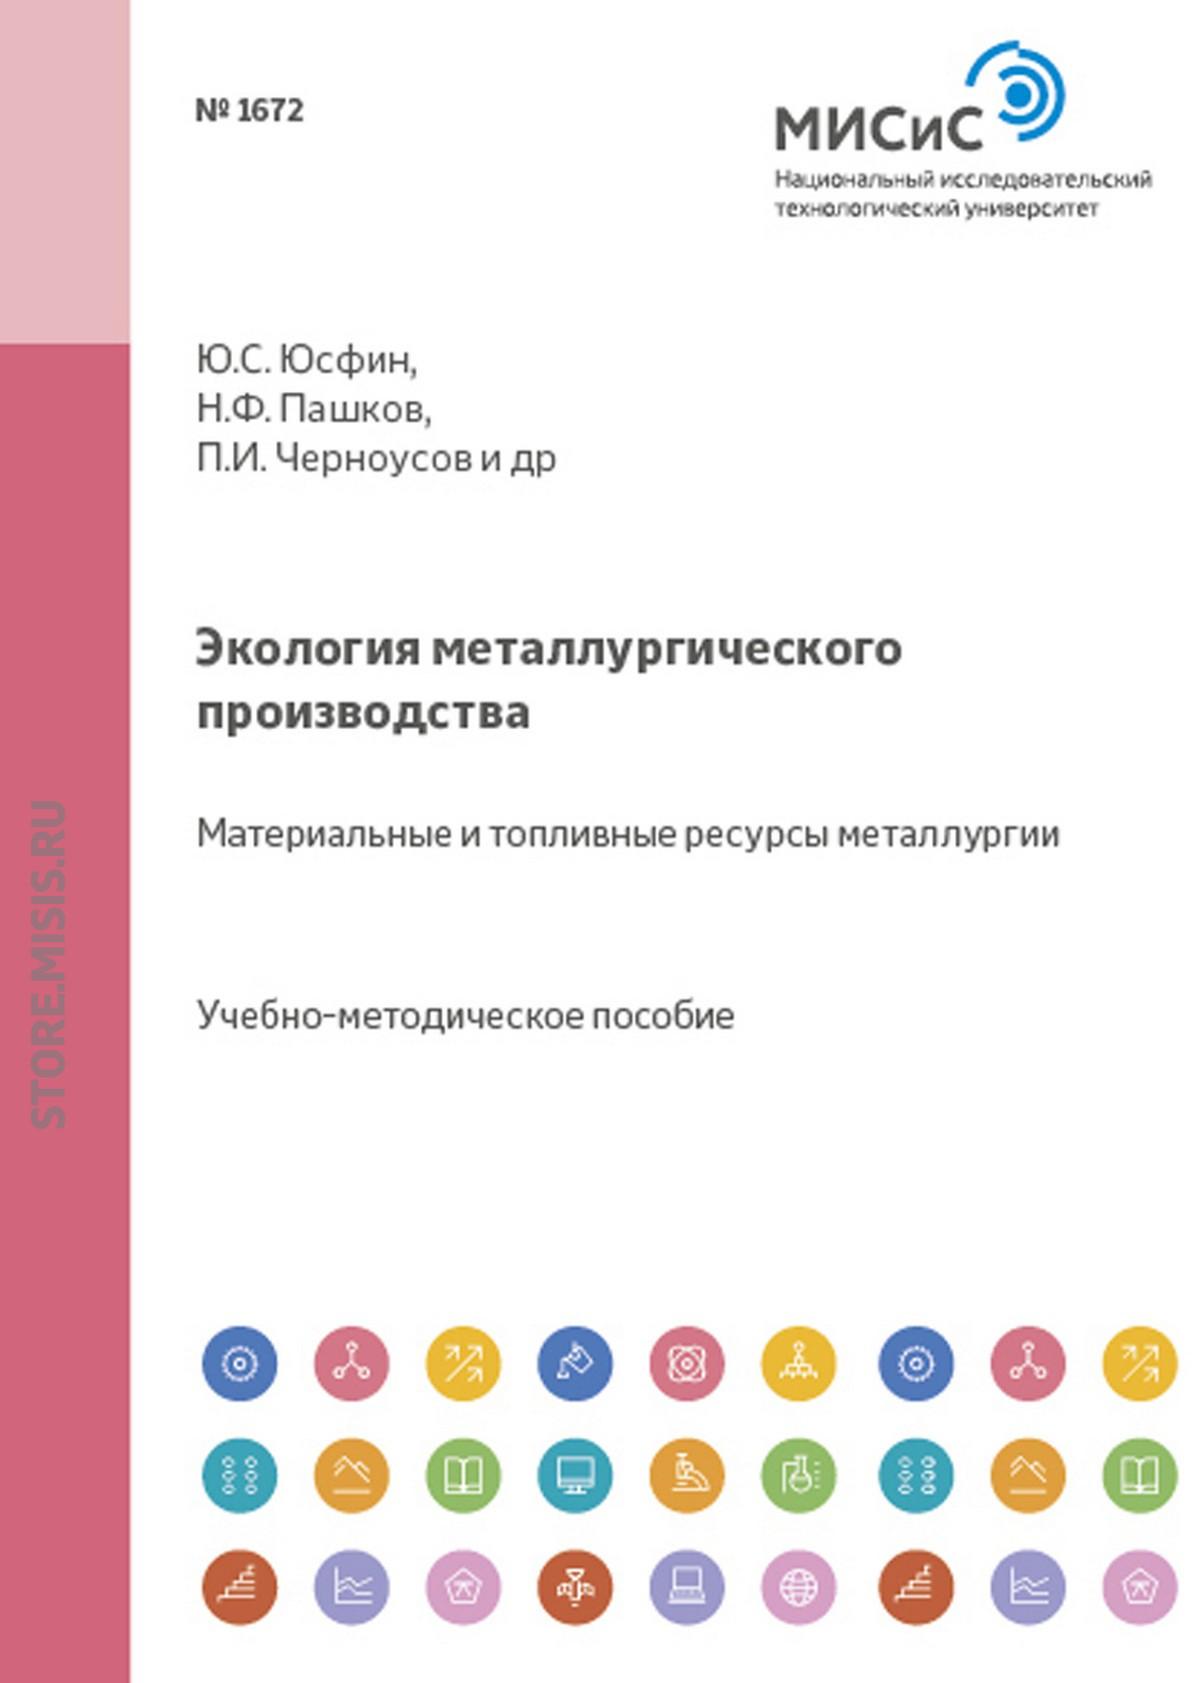 Сергей Неделин Экология металлургического производства. Материальные и топливные ресурсы металлургии